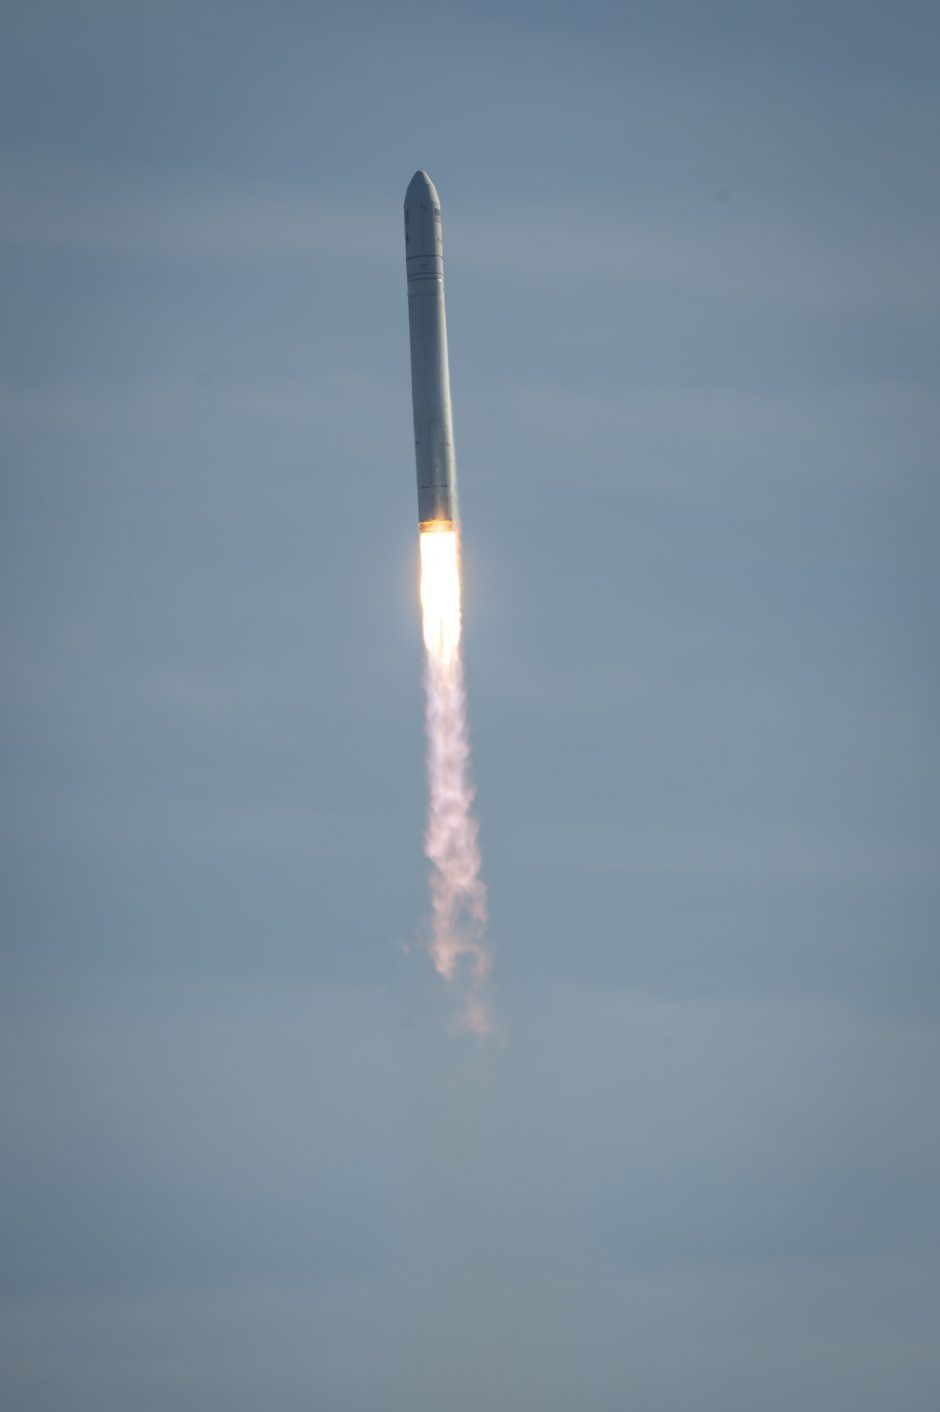 Lietuvos kosmoso misija: palydovai pagaliau pakilo! (vaizdo įrašas)